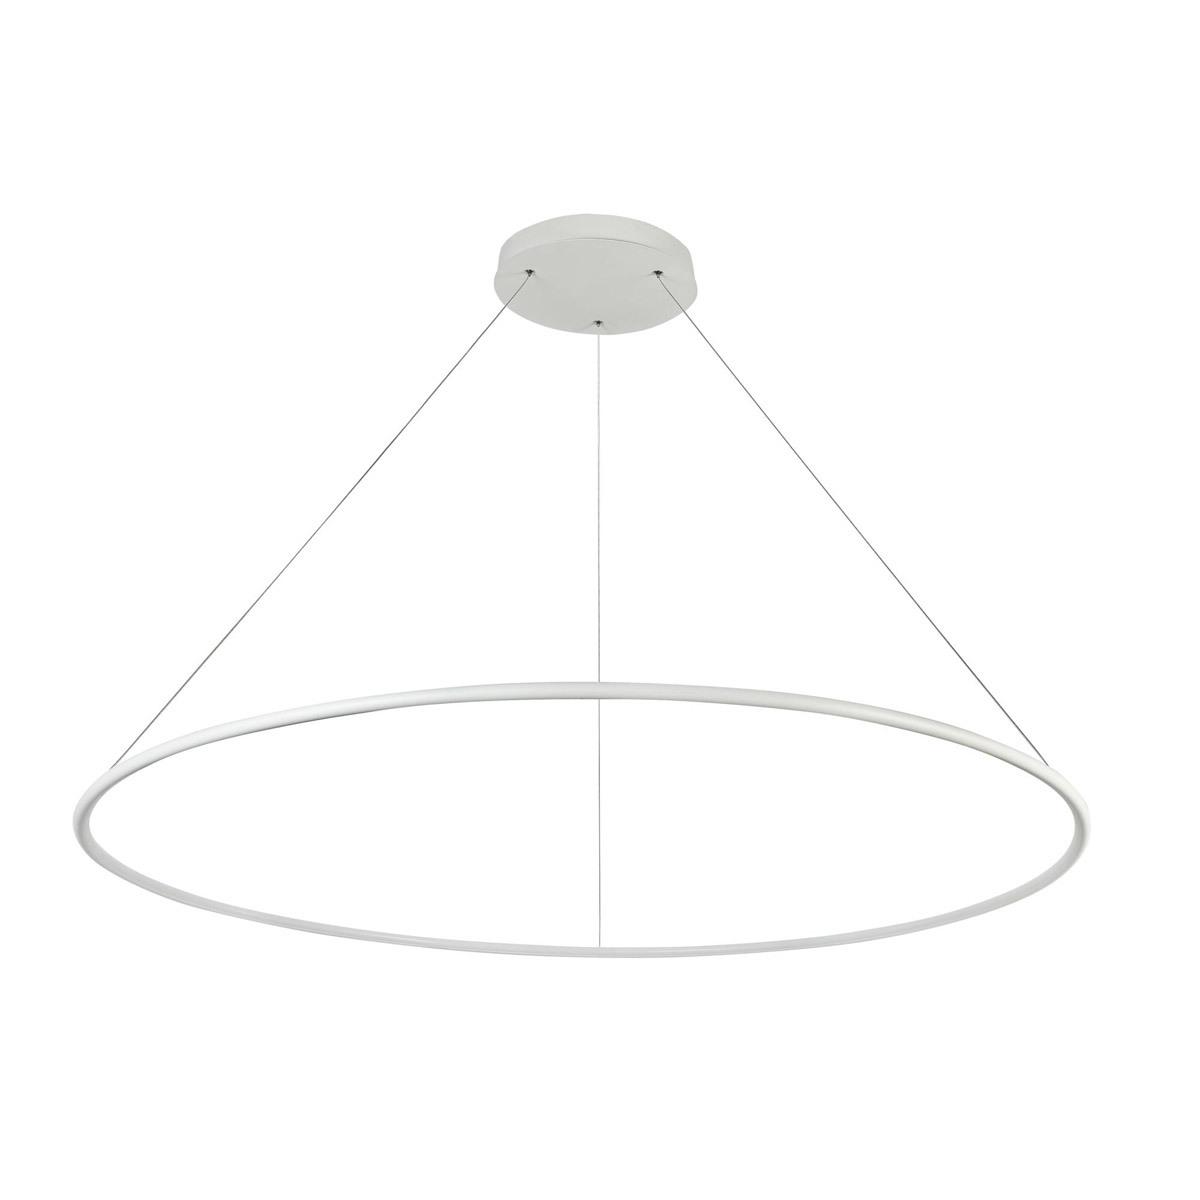 Потолочный светильник Maytoni MOD807-PL-01-70-W-Maytoni, LED, 70 Вт